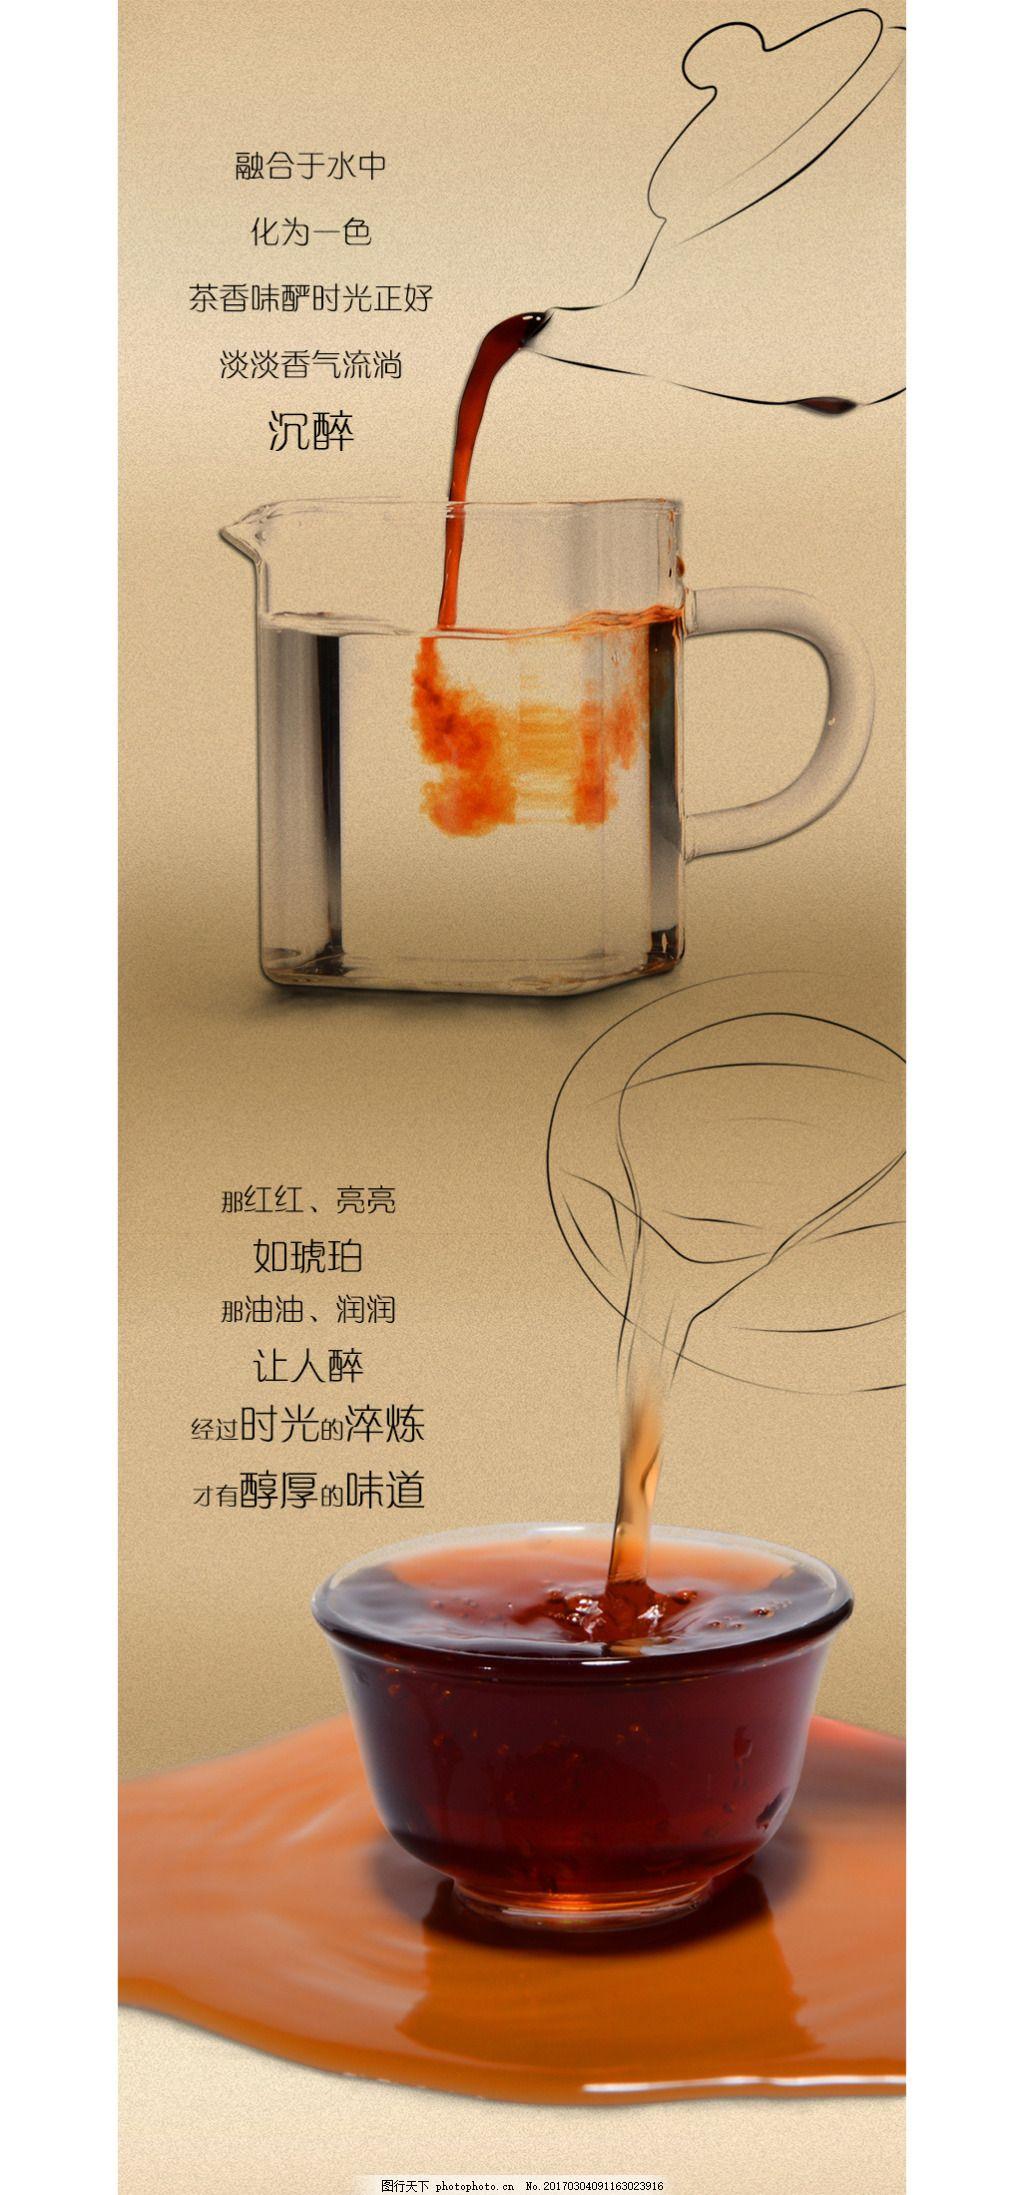 普洱饮茶海报 普洱茶 茶汤 饮茶手绘